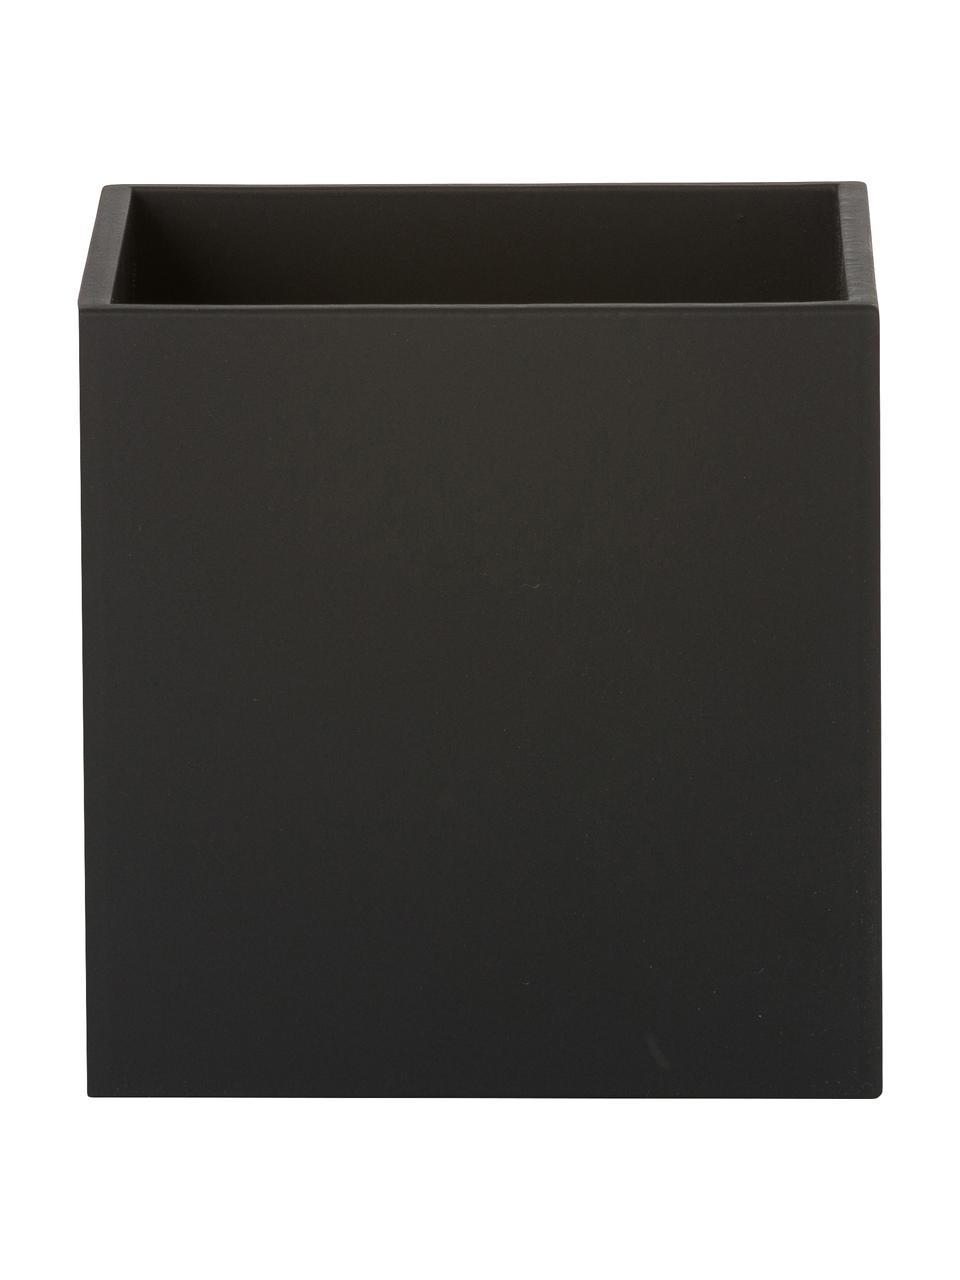 Wandleuchte Quad in Schwarz, Lampenschirm: Aluminium, pulverbeschich, Schwarz, 10 x 10 cm